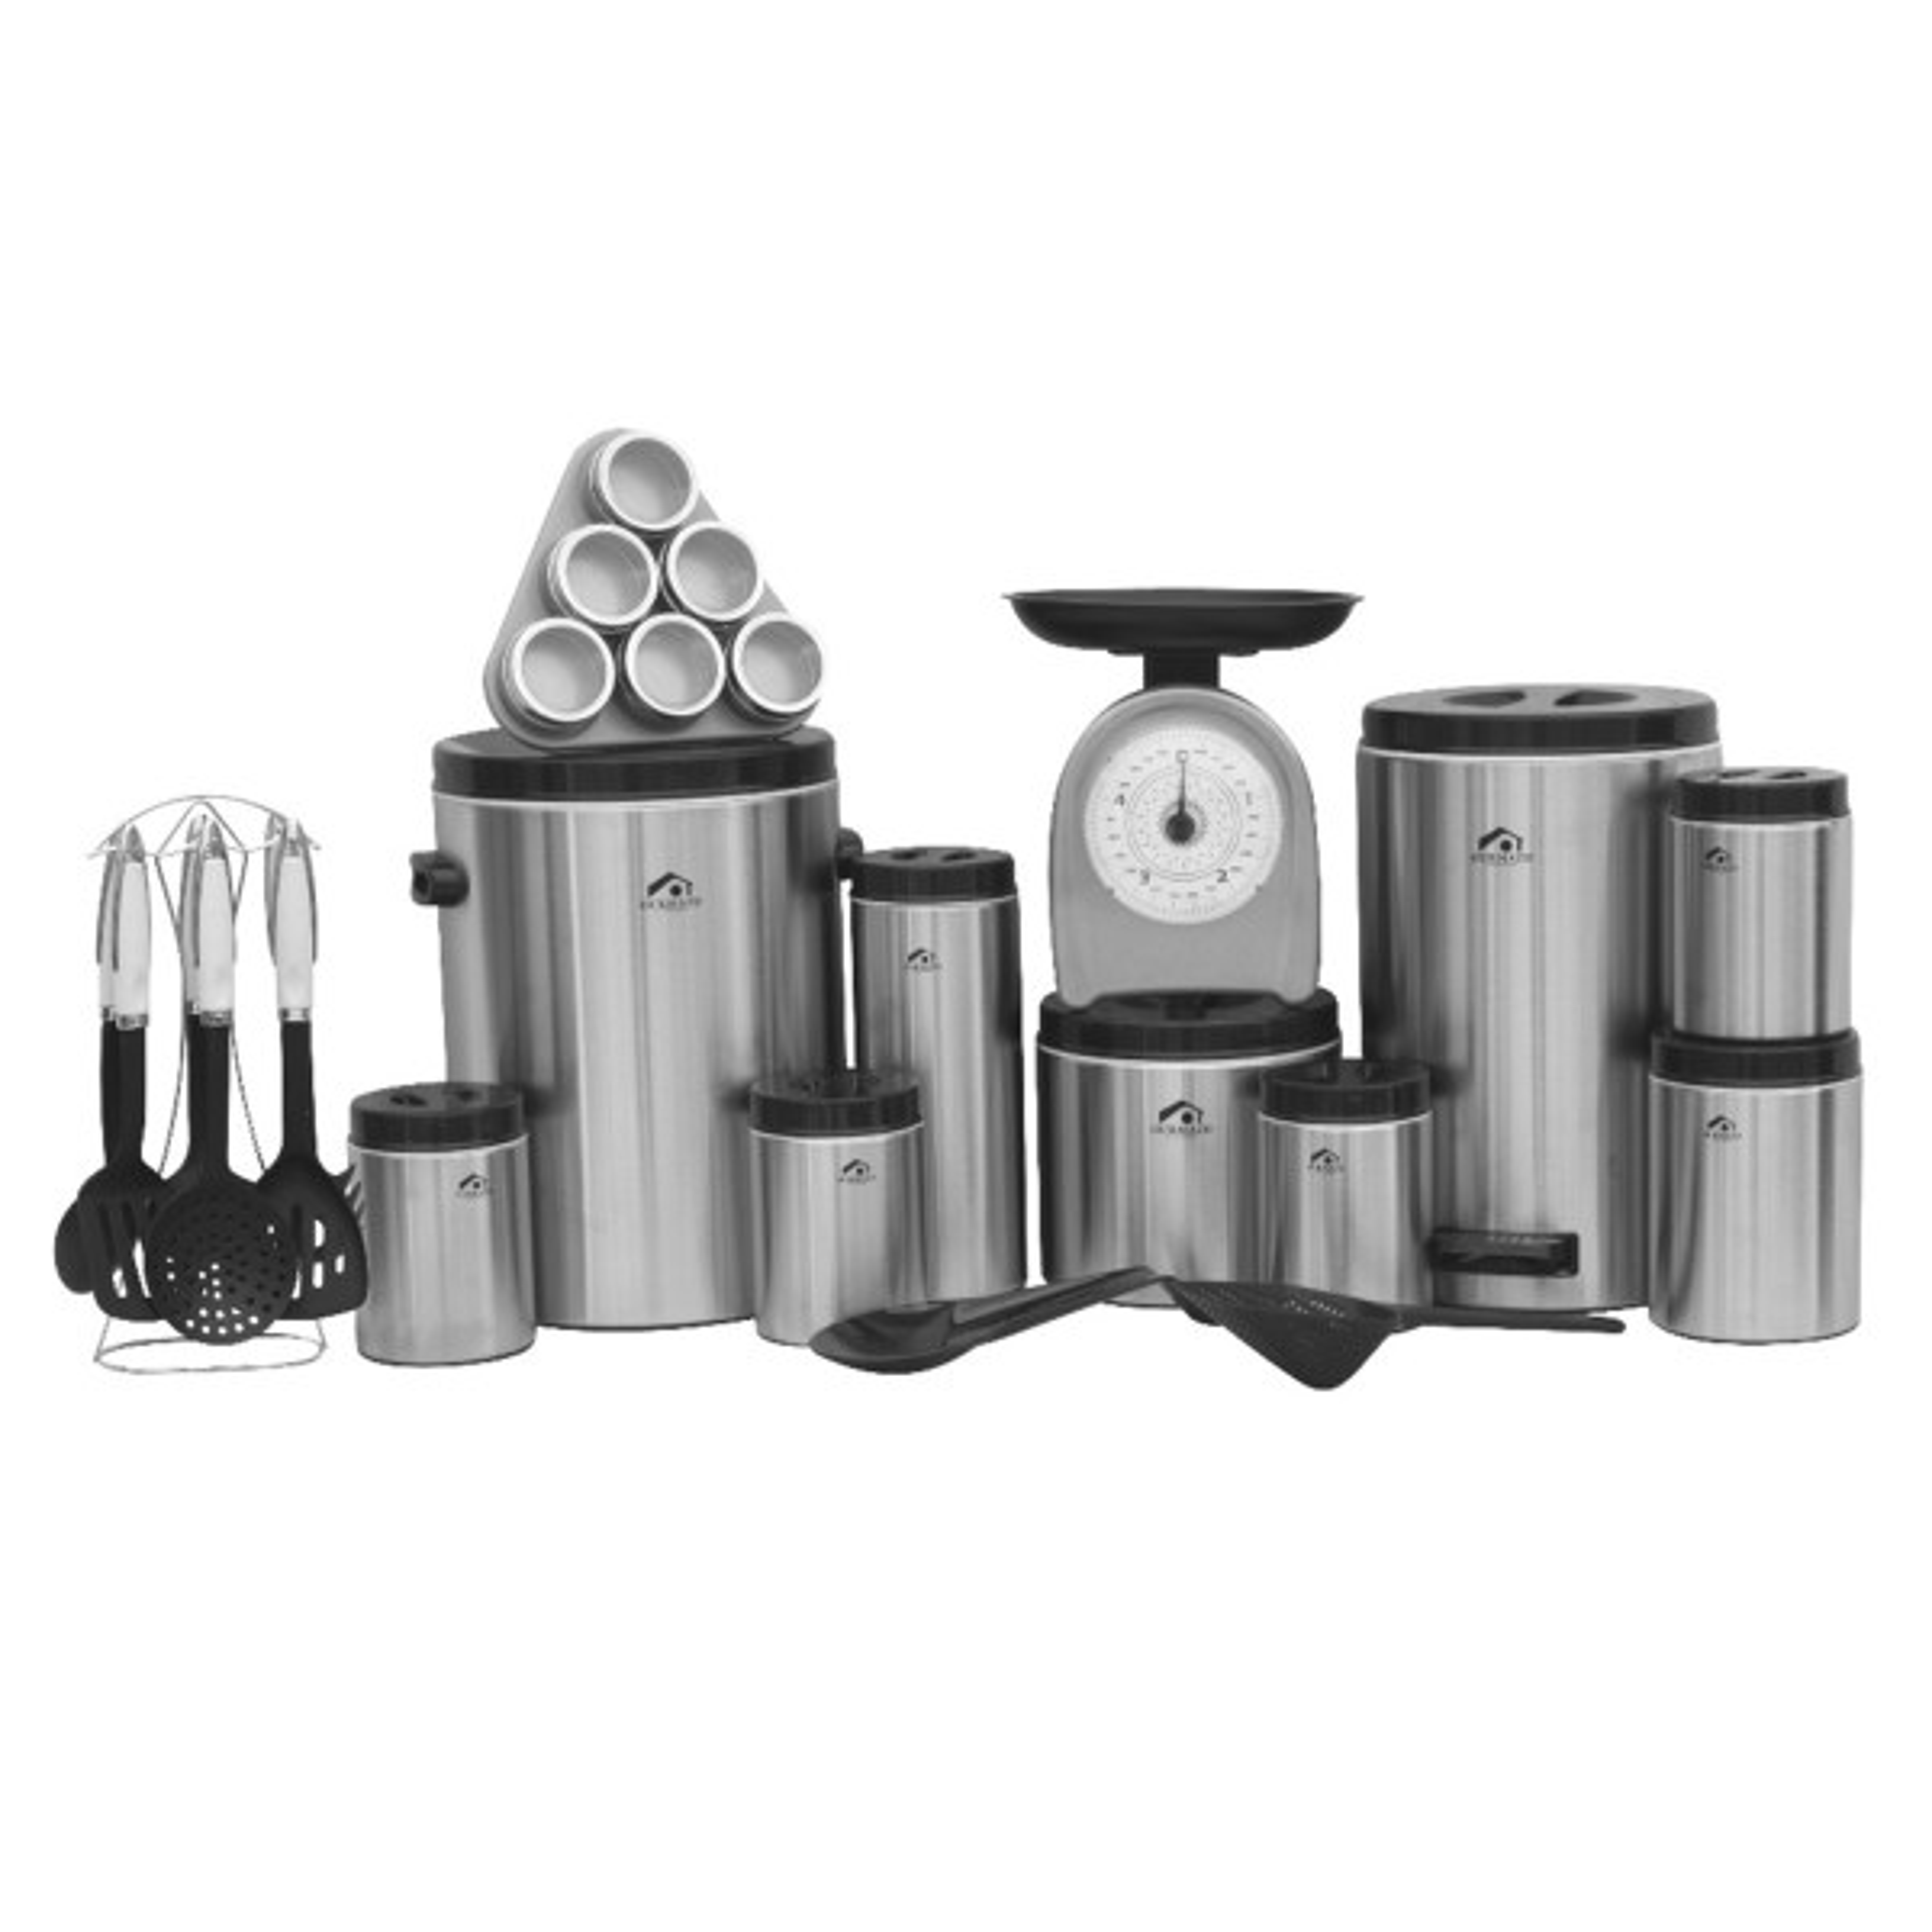 سرویس 30 پارچه آشپزخانه اورمزد مدل B30